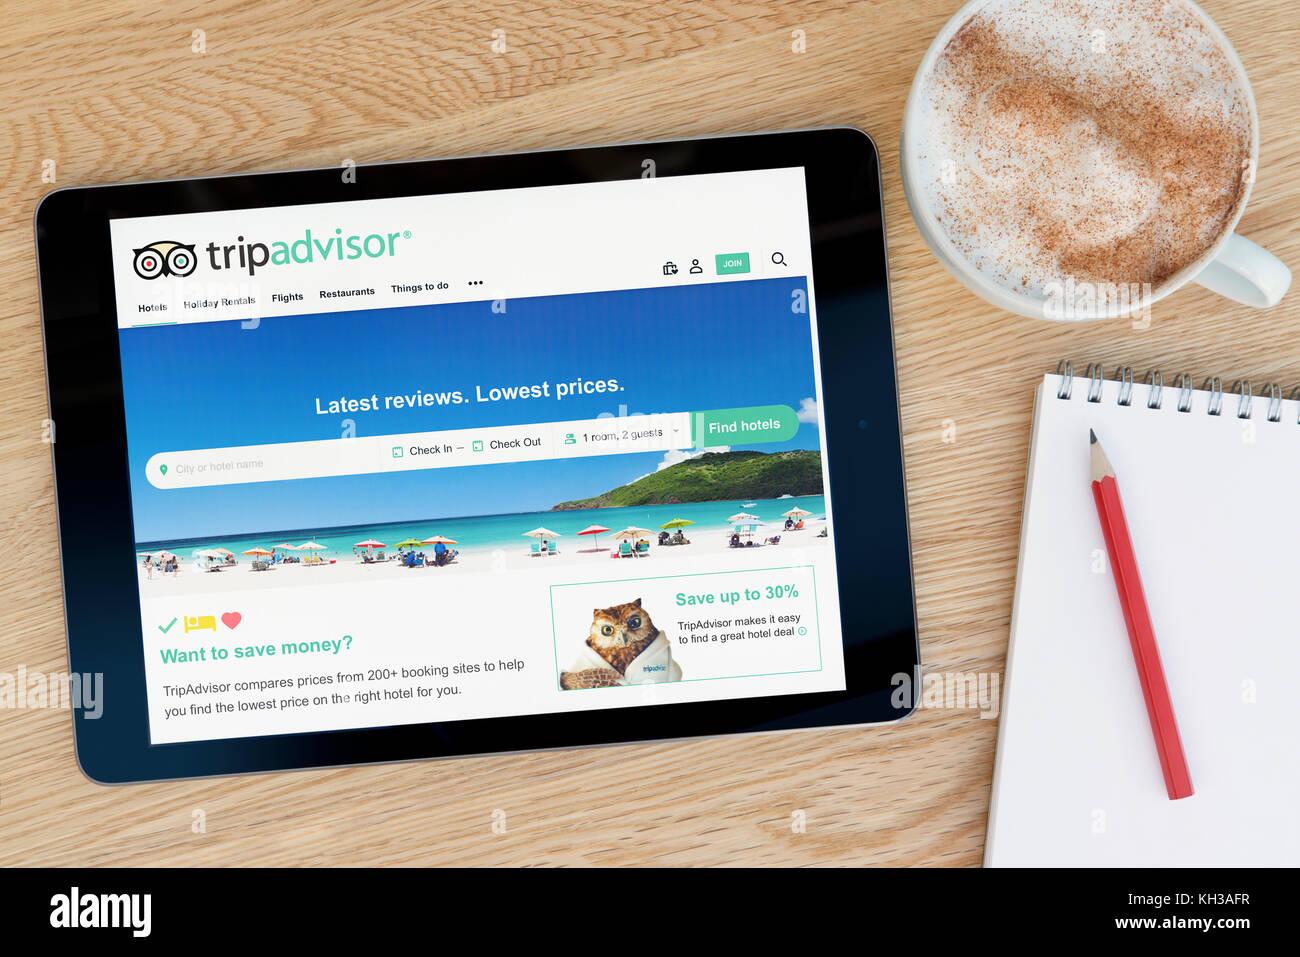 El sitio web de Tripadvisor características en un dispositivo tablet iPad que descansa sobre una mesa de madera Imagen De Stock